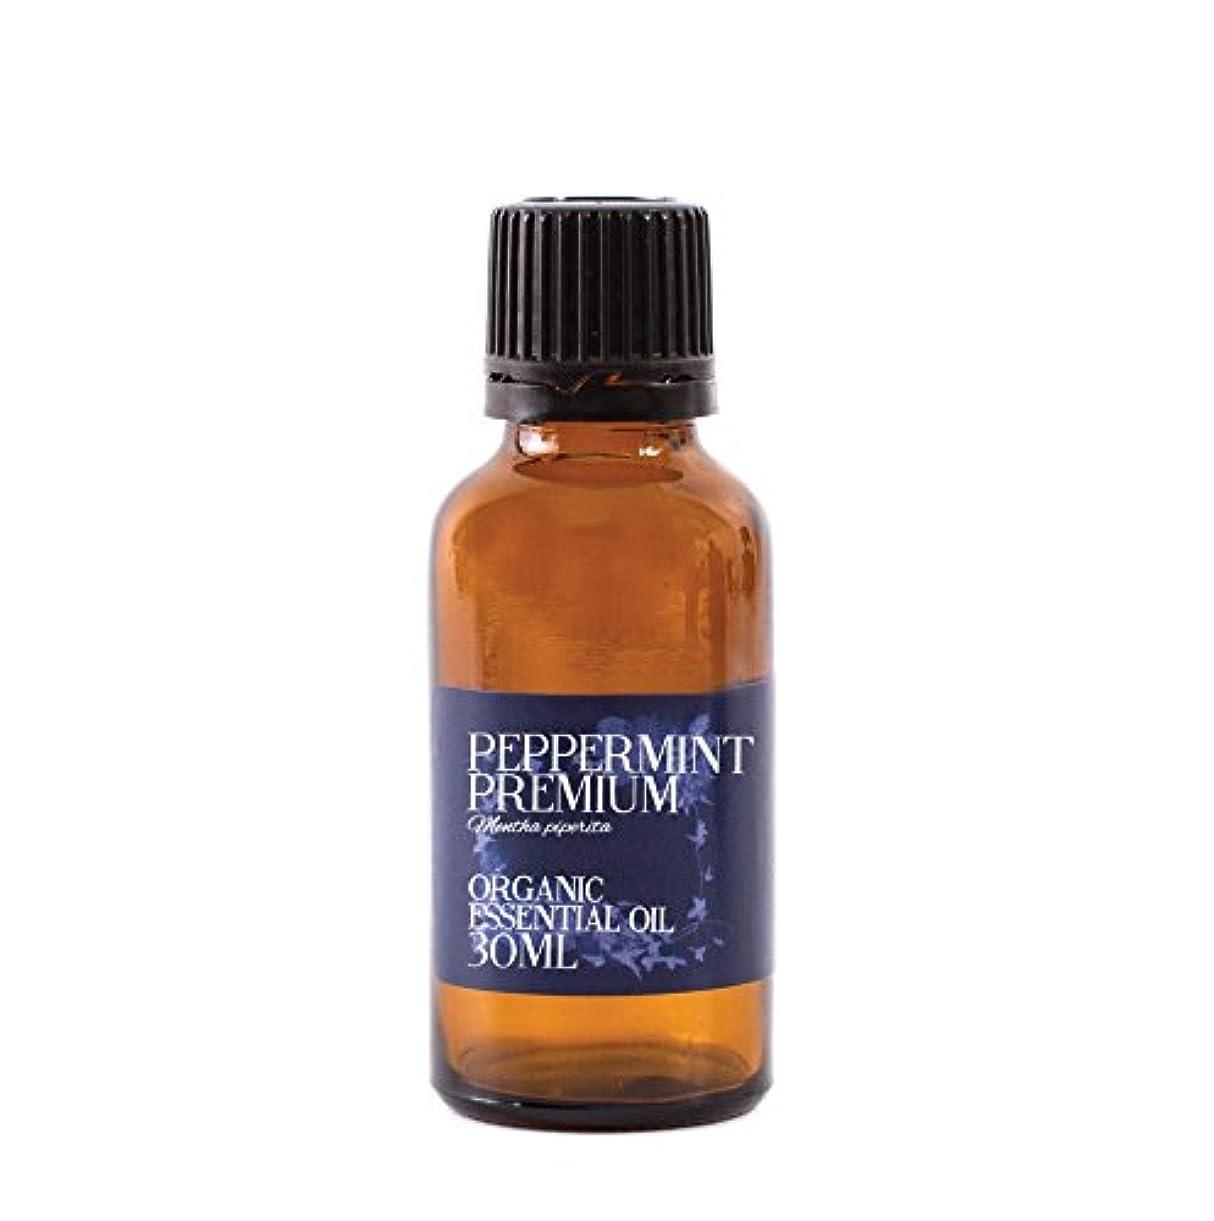 テクスチャー母性規模Mystic Moments | Peppermint Premium Organic Essential Oil - 30ml - 100% Pure